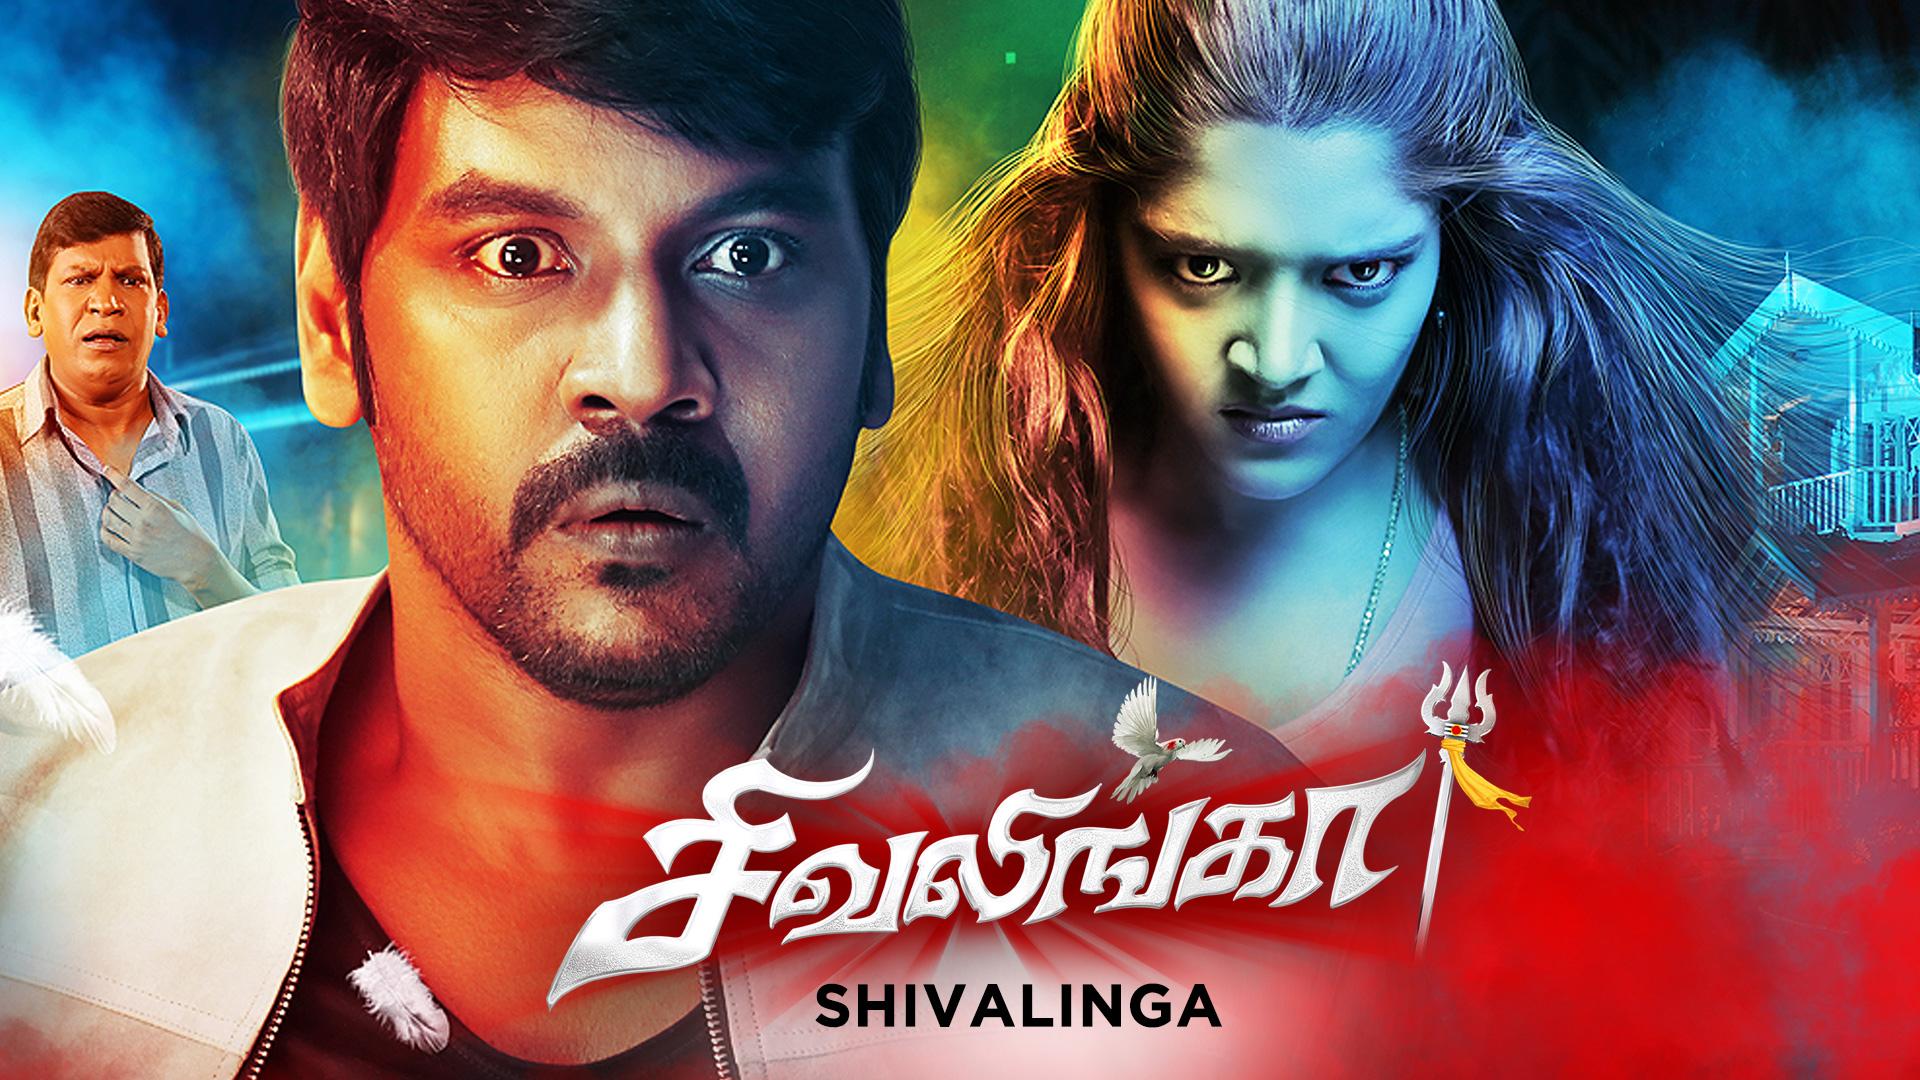 Shivalinga